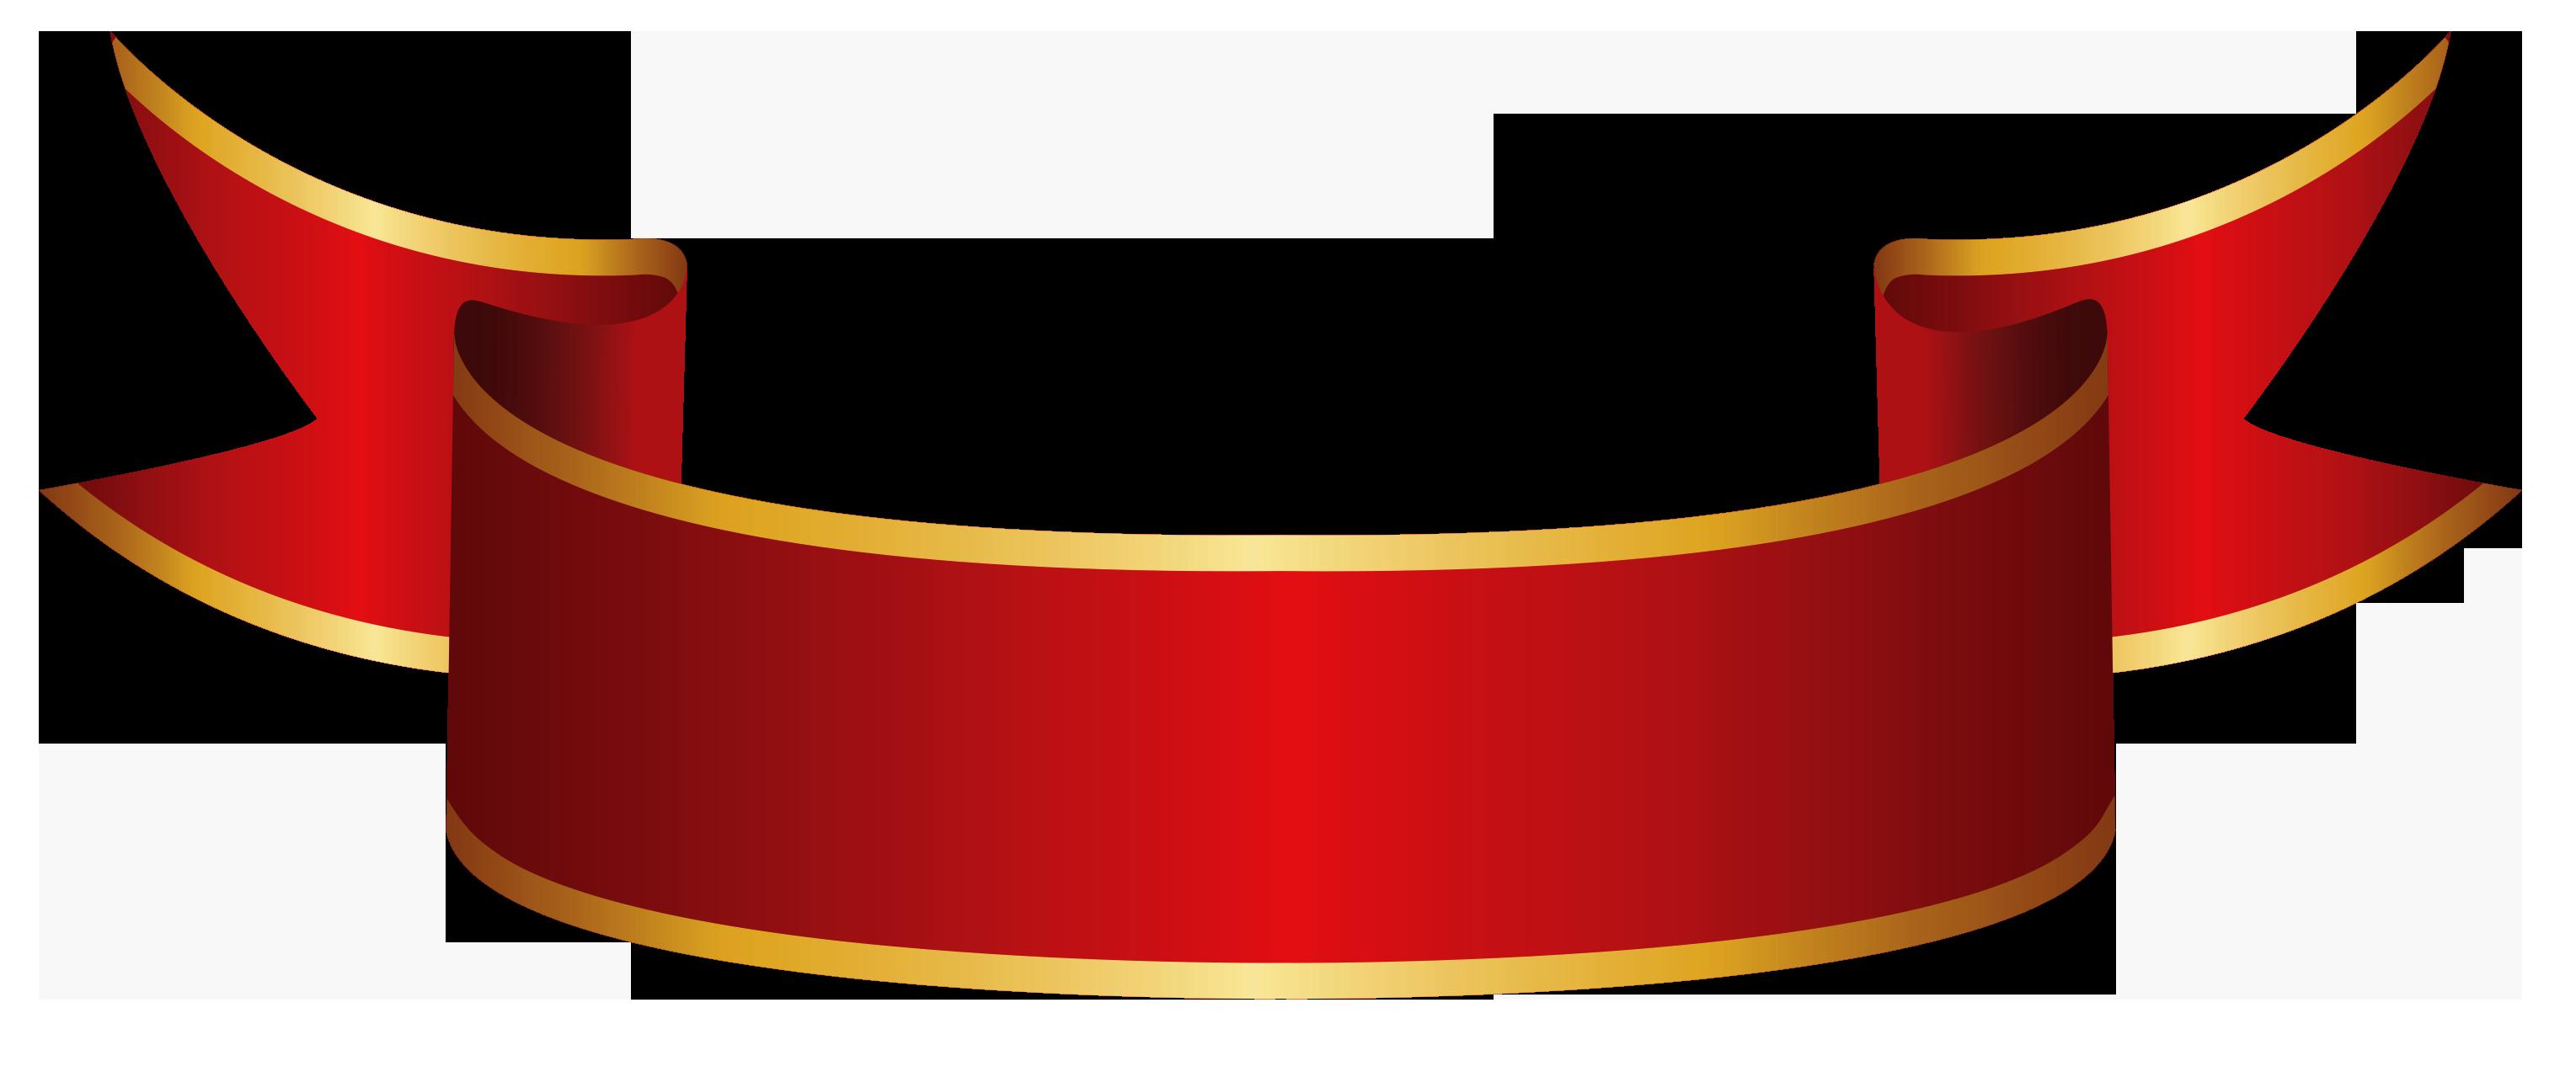 Red Banner Png Clipart Image Gambar Desain Logo Restoran Desain Logo